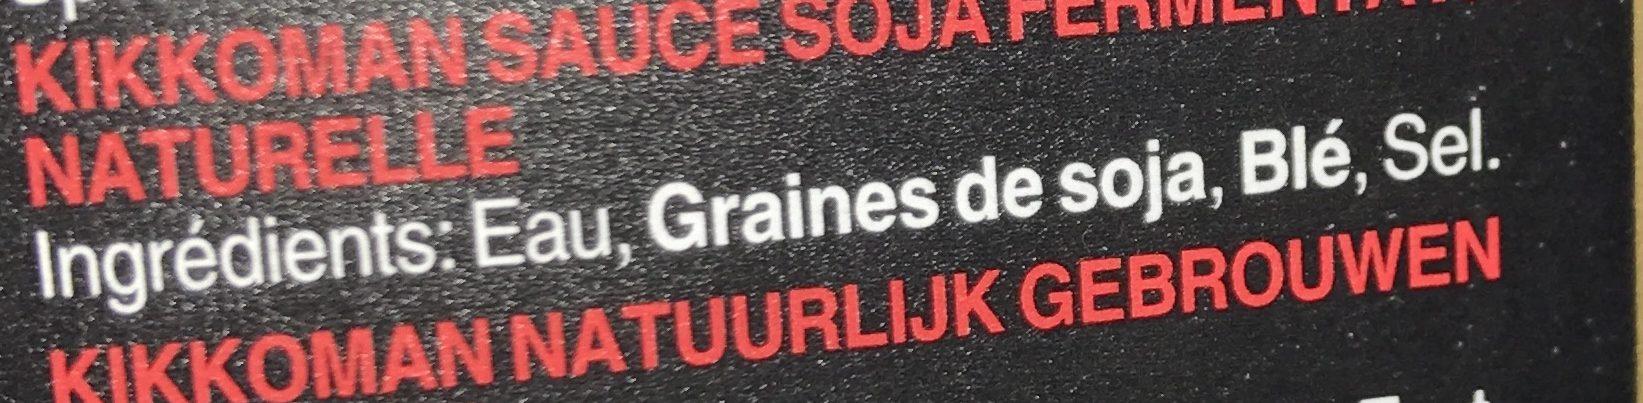 Soy sauce - Ingrédients